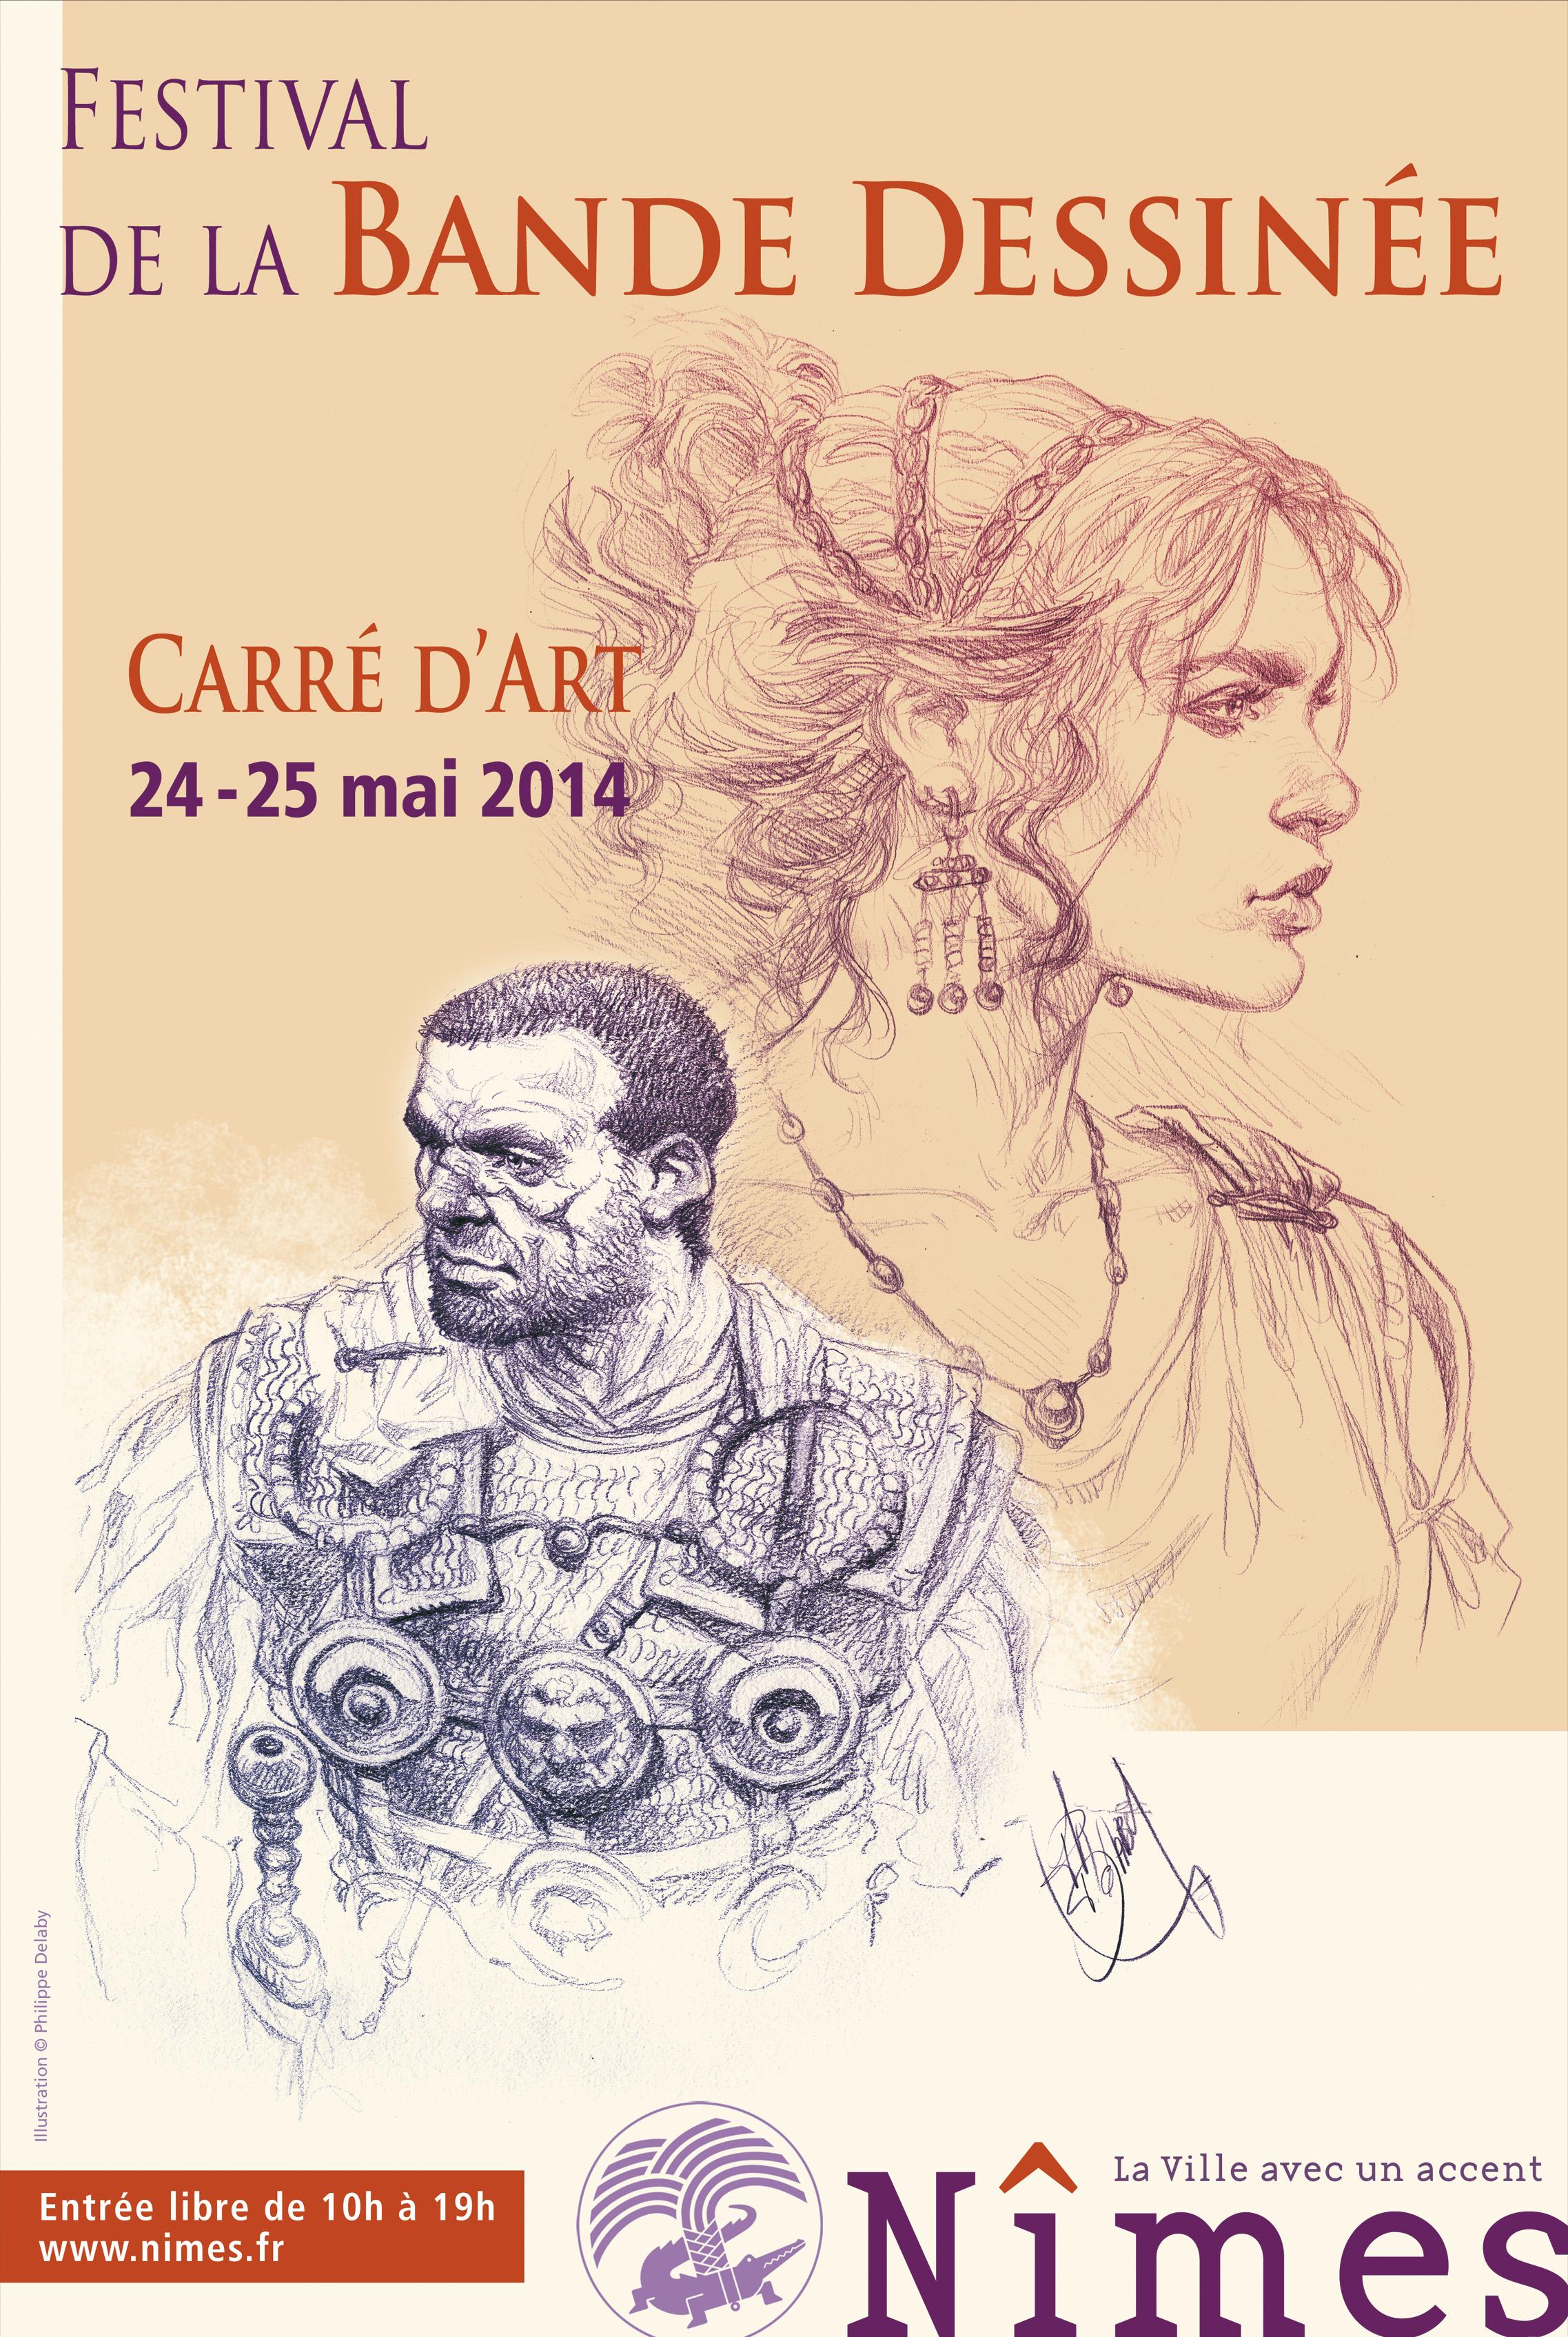 Festival de Nîmes, les auteurs présents les 24 et 25 mai